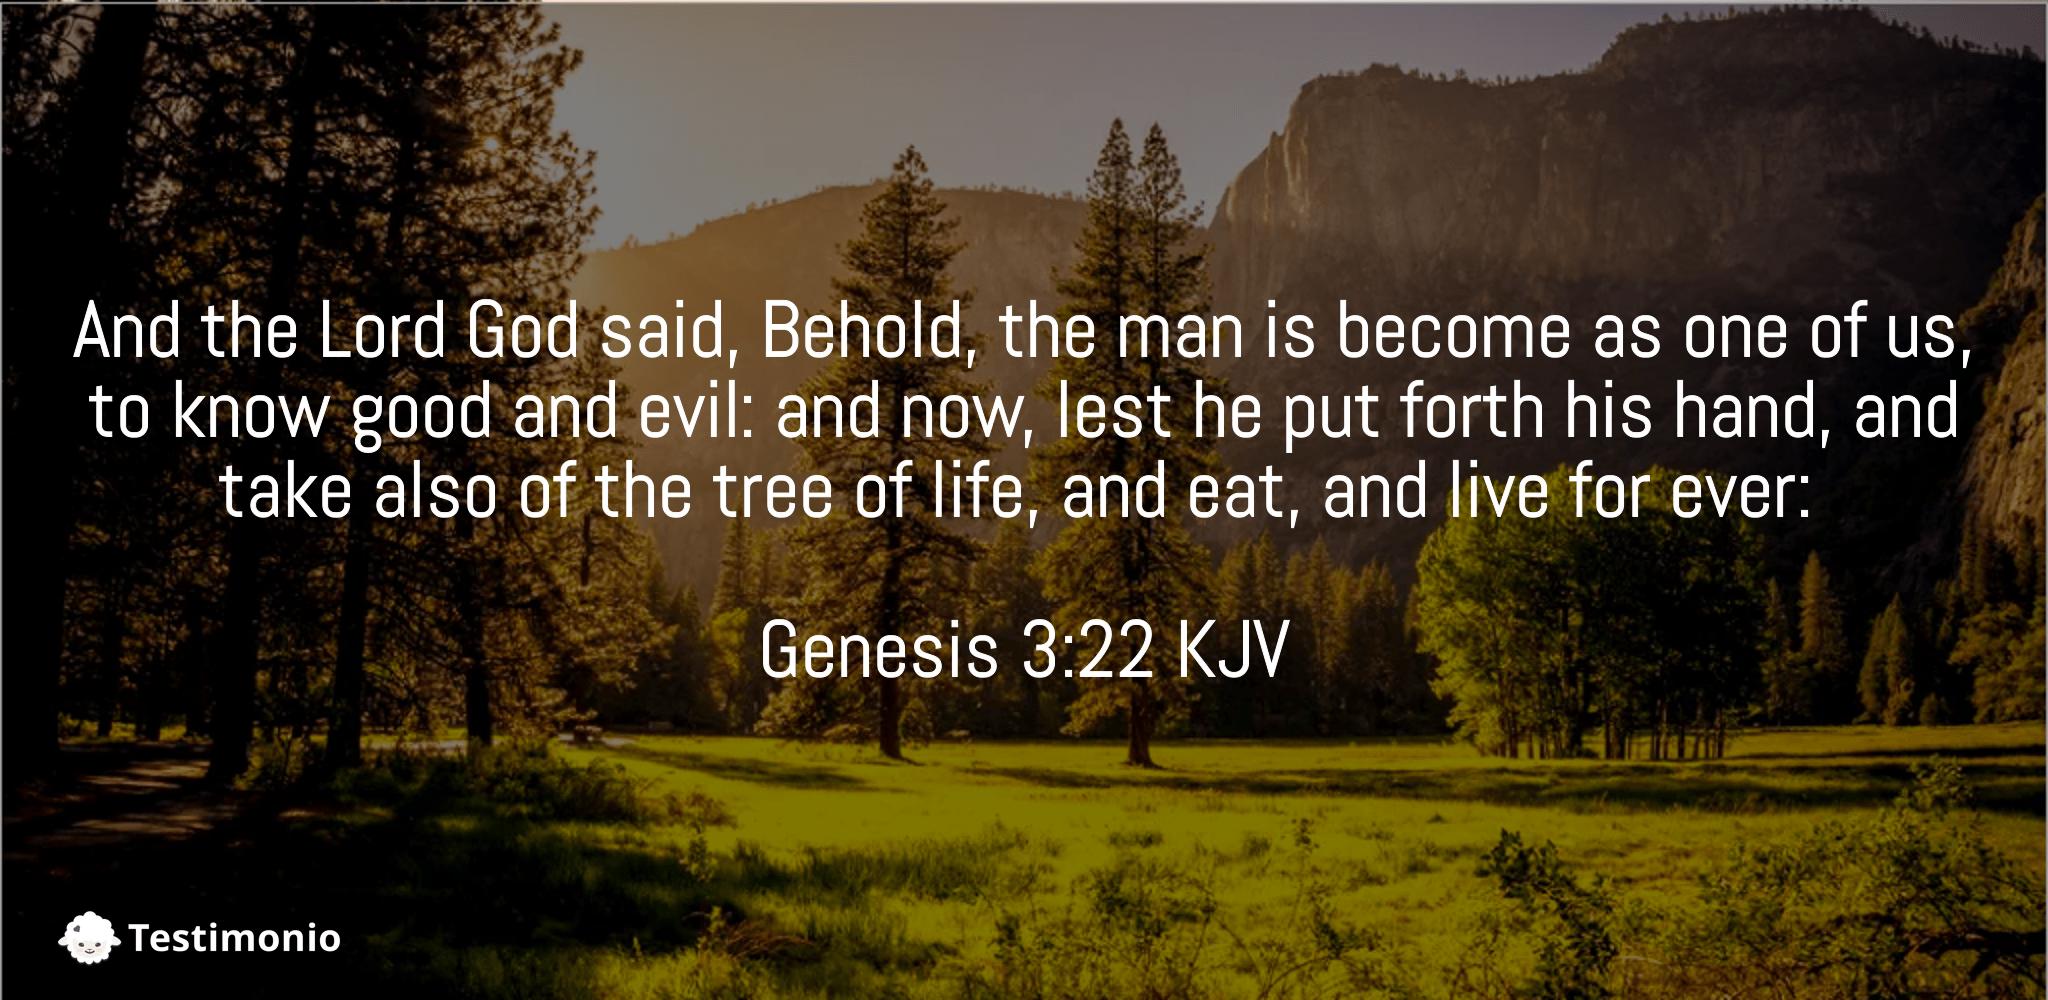 Genesis 3:22